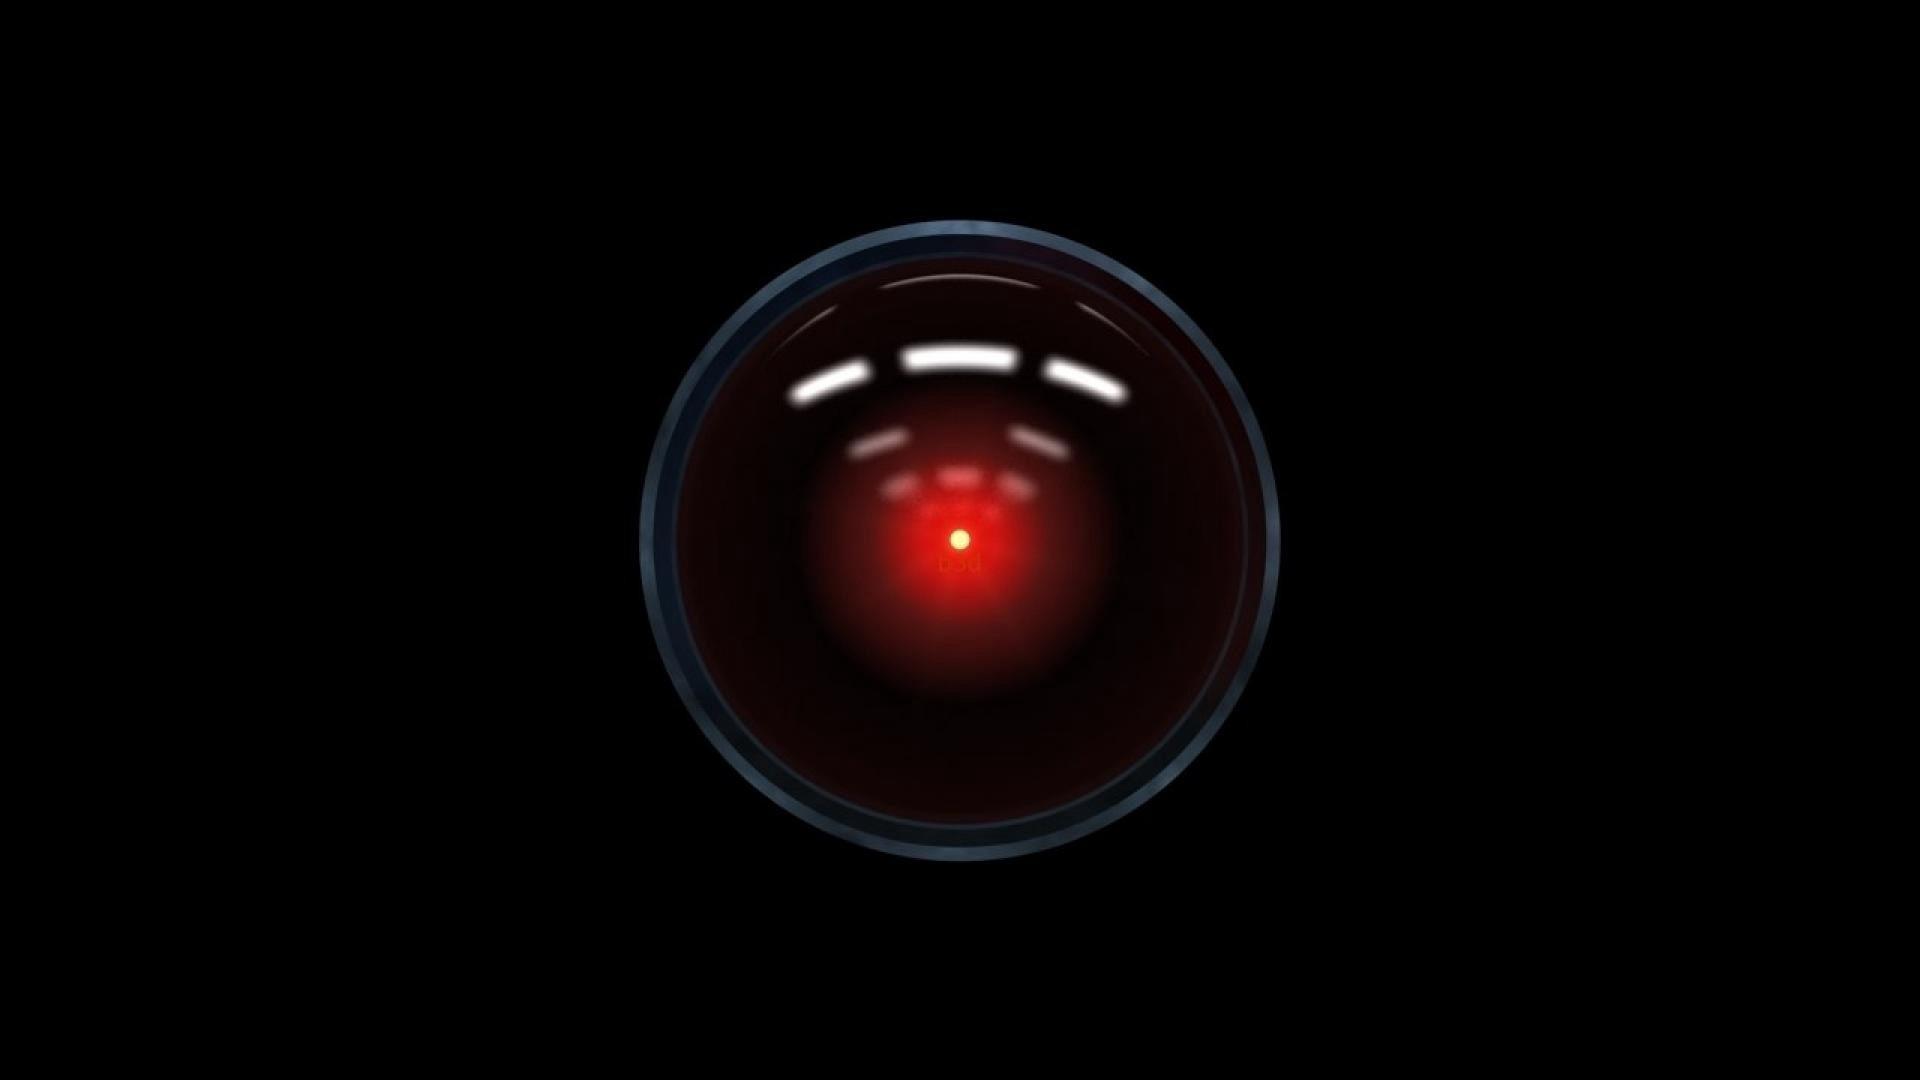 Científicos han construido una Inteligencia Artificial inspirada en HAL 9000